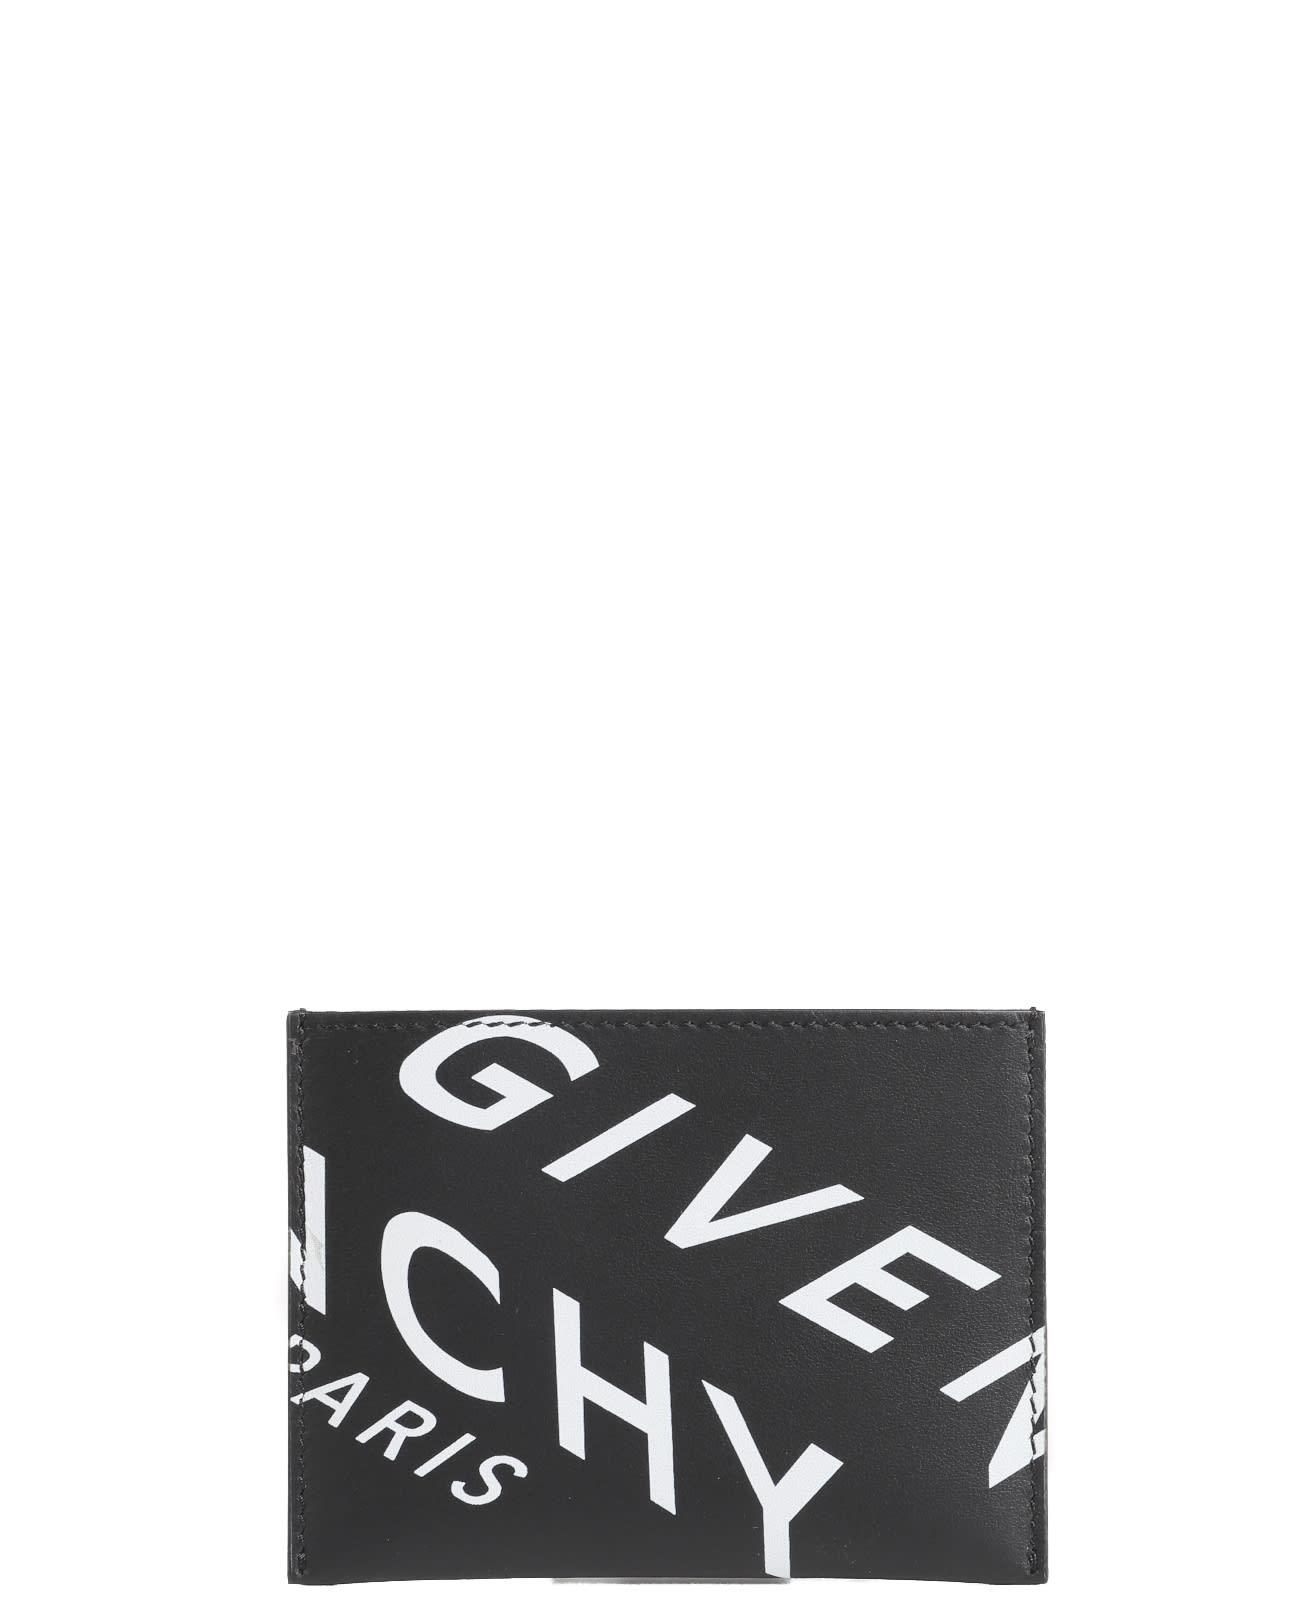 GIVENCHY BLACK CARD HOLDER